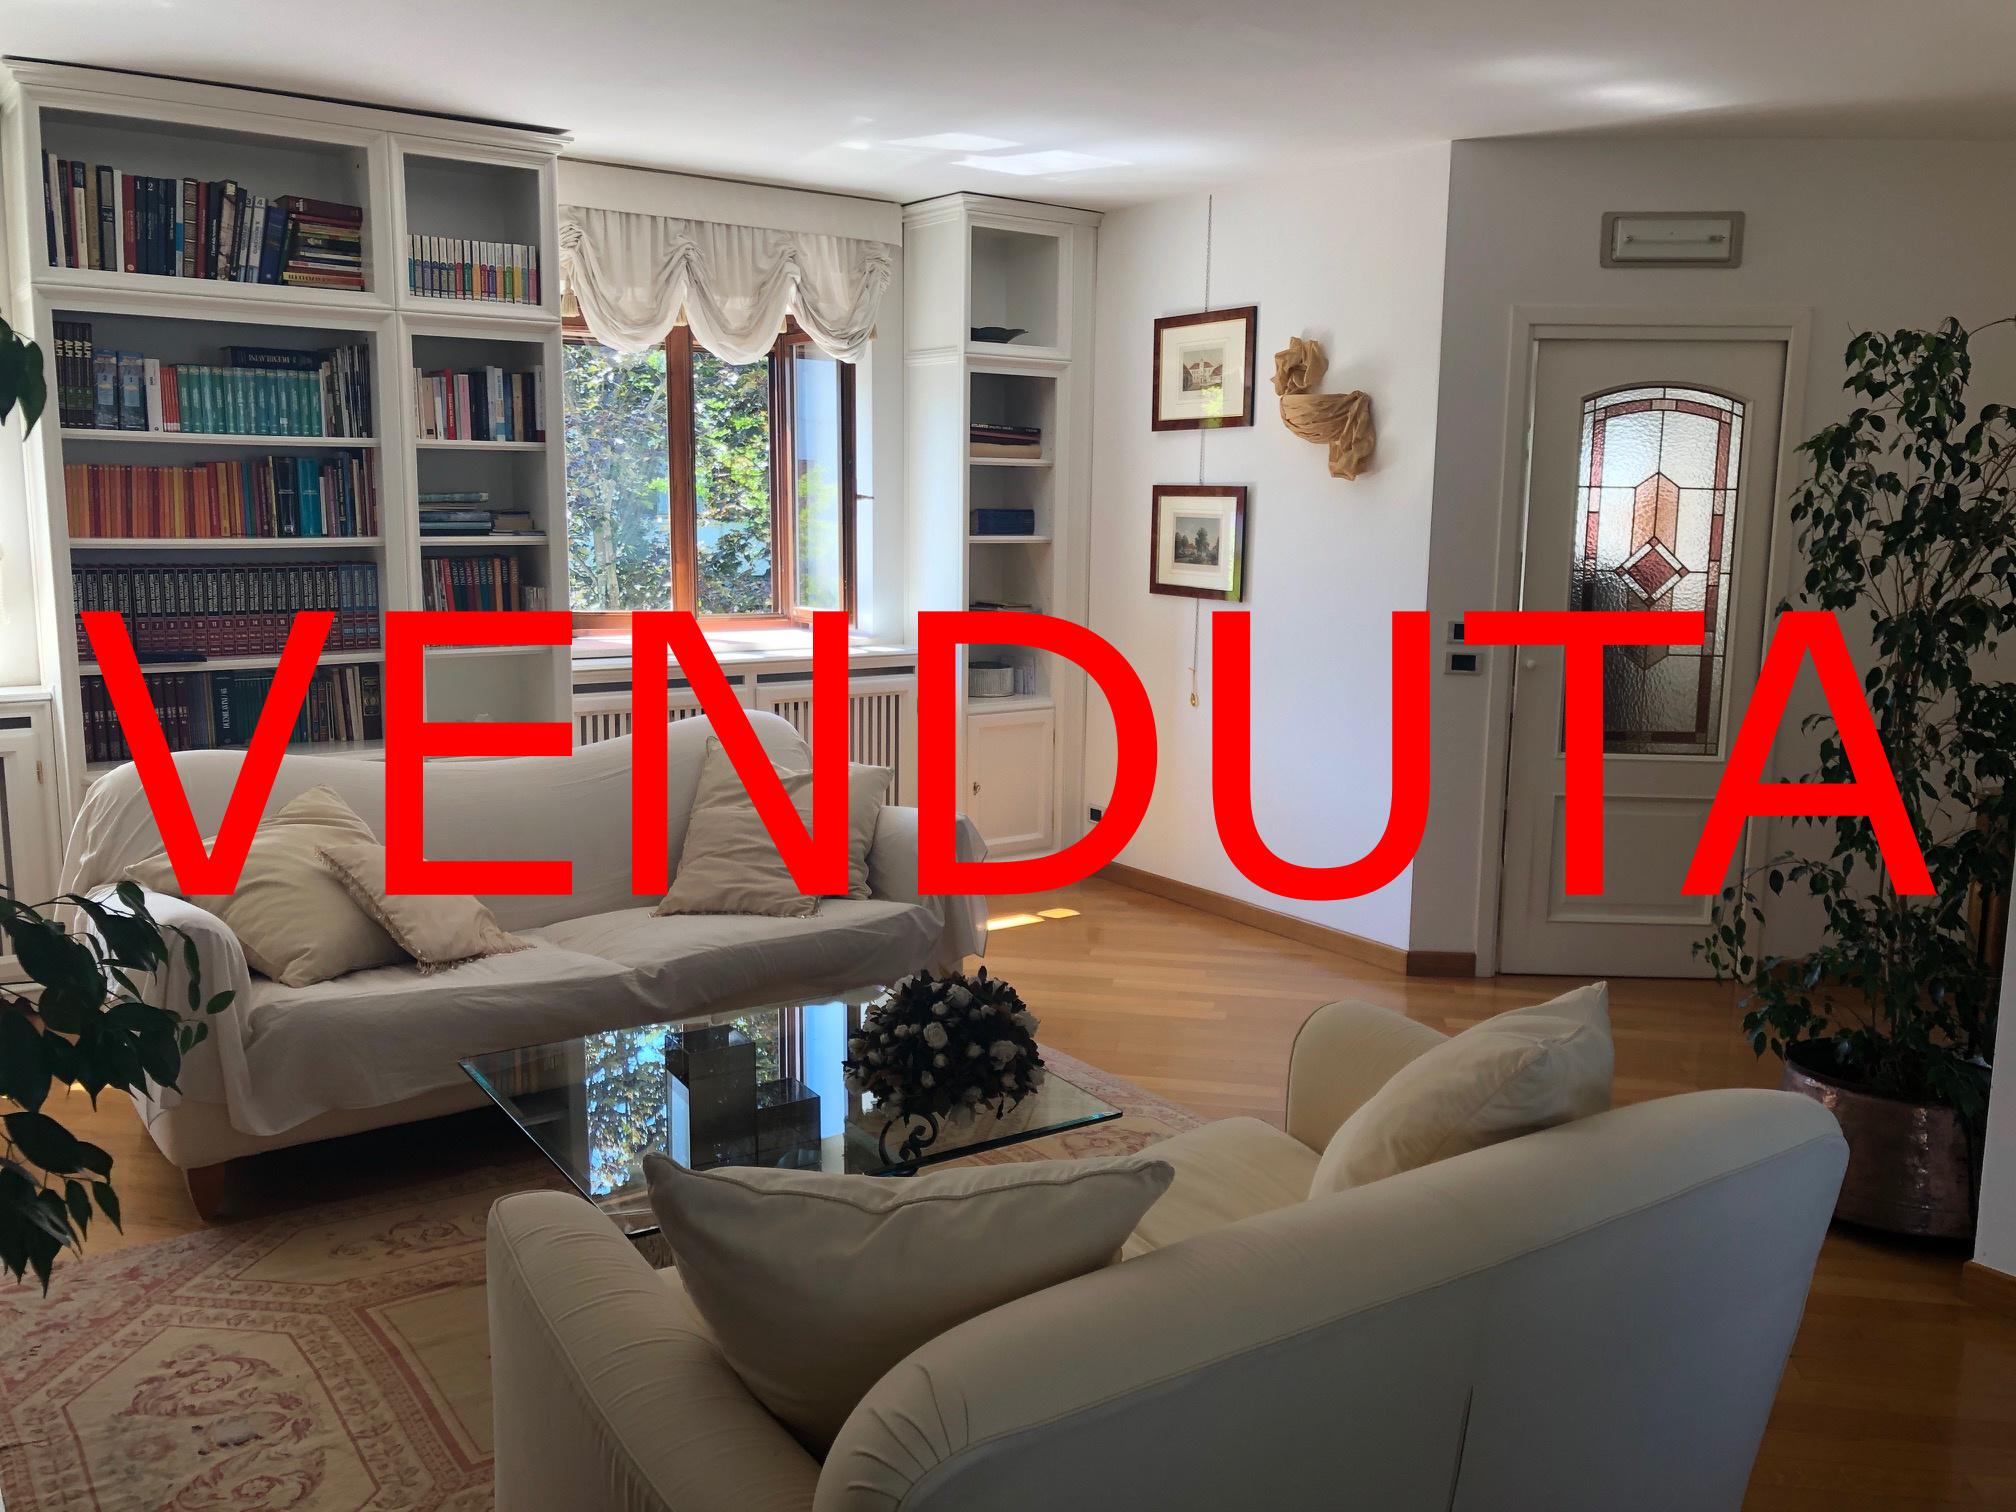 – VENDUTA – Villa signorile accostata in centro a Ronchi dei Legionari